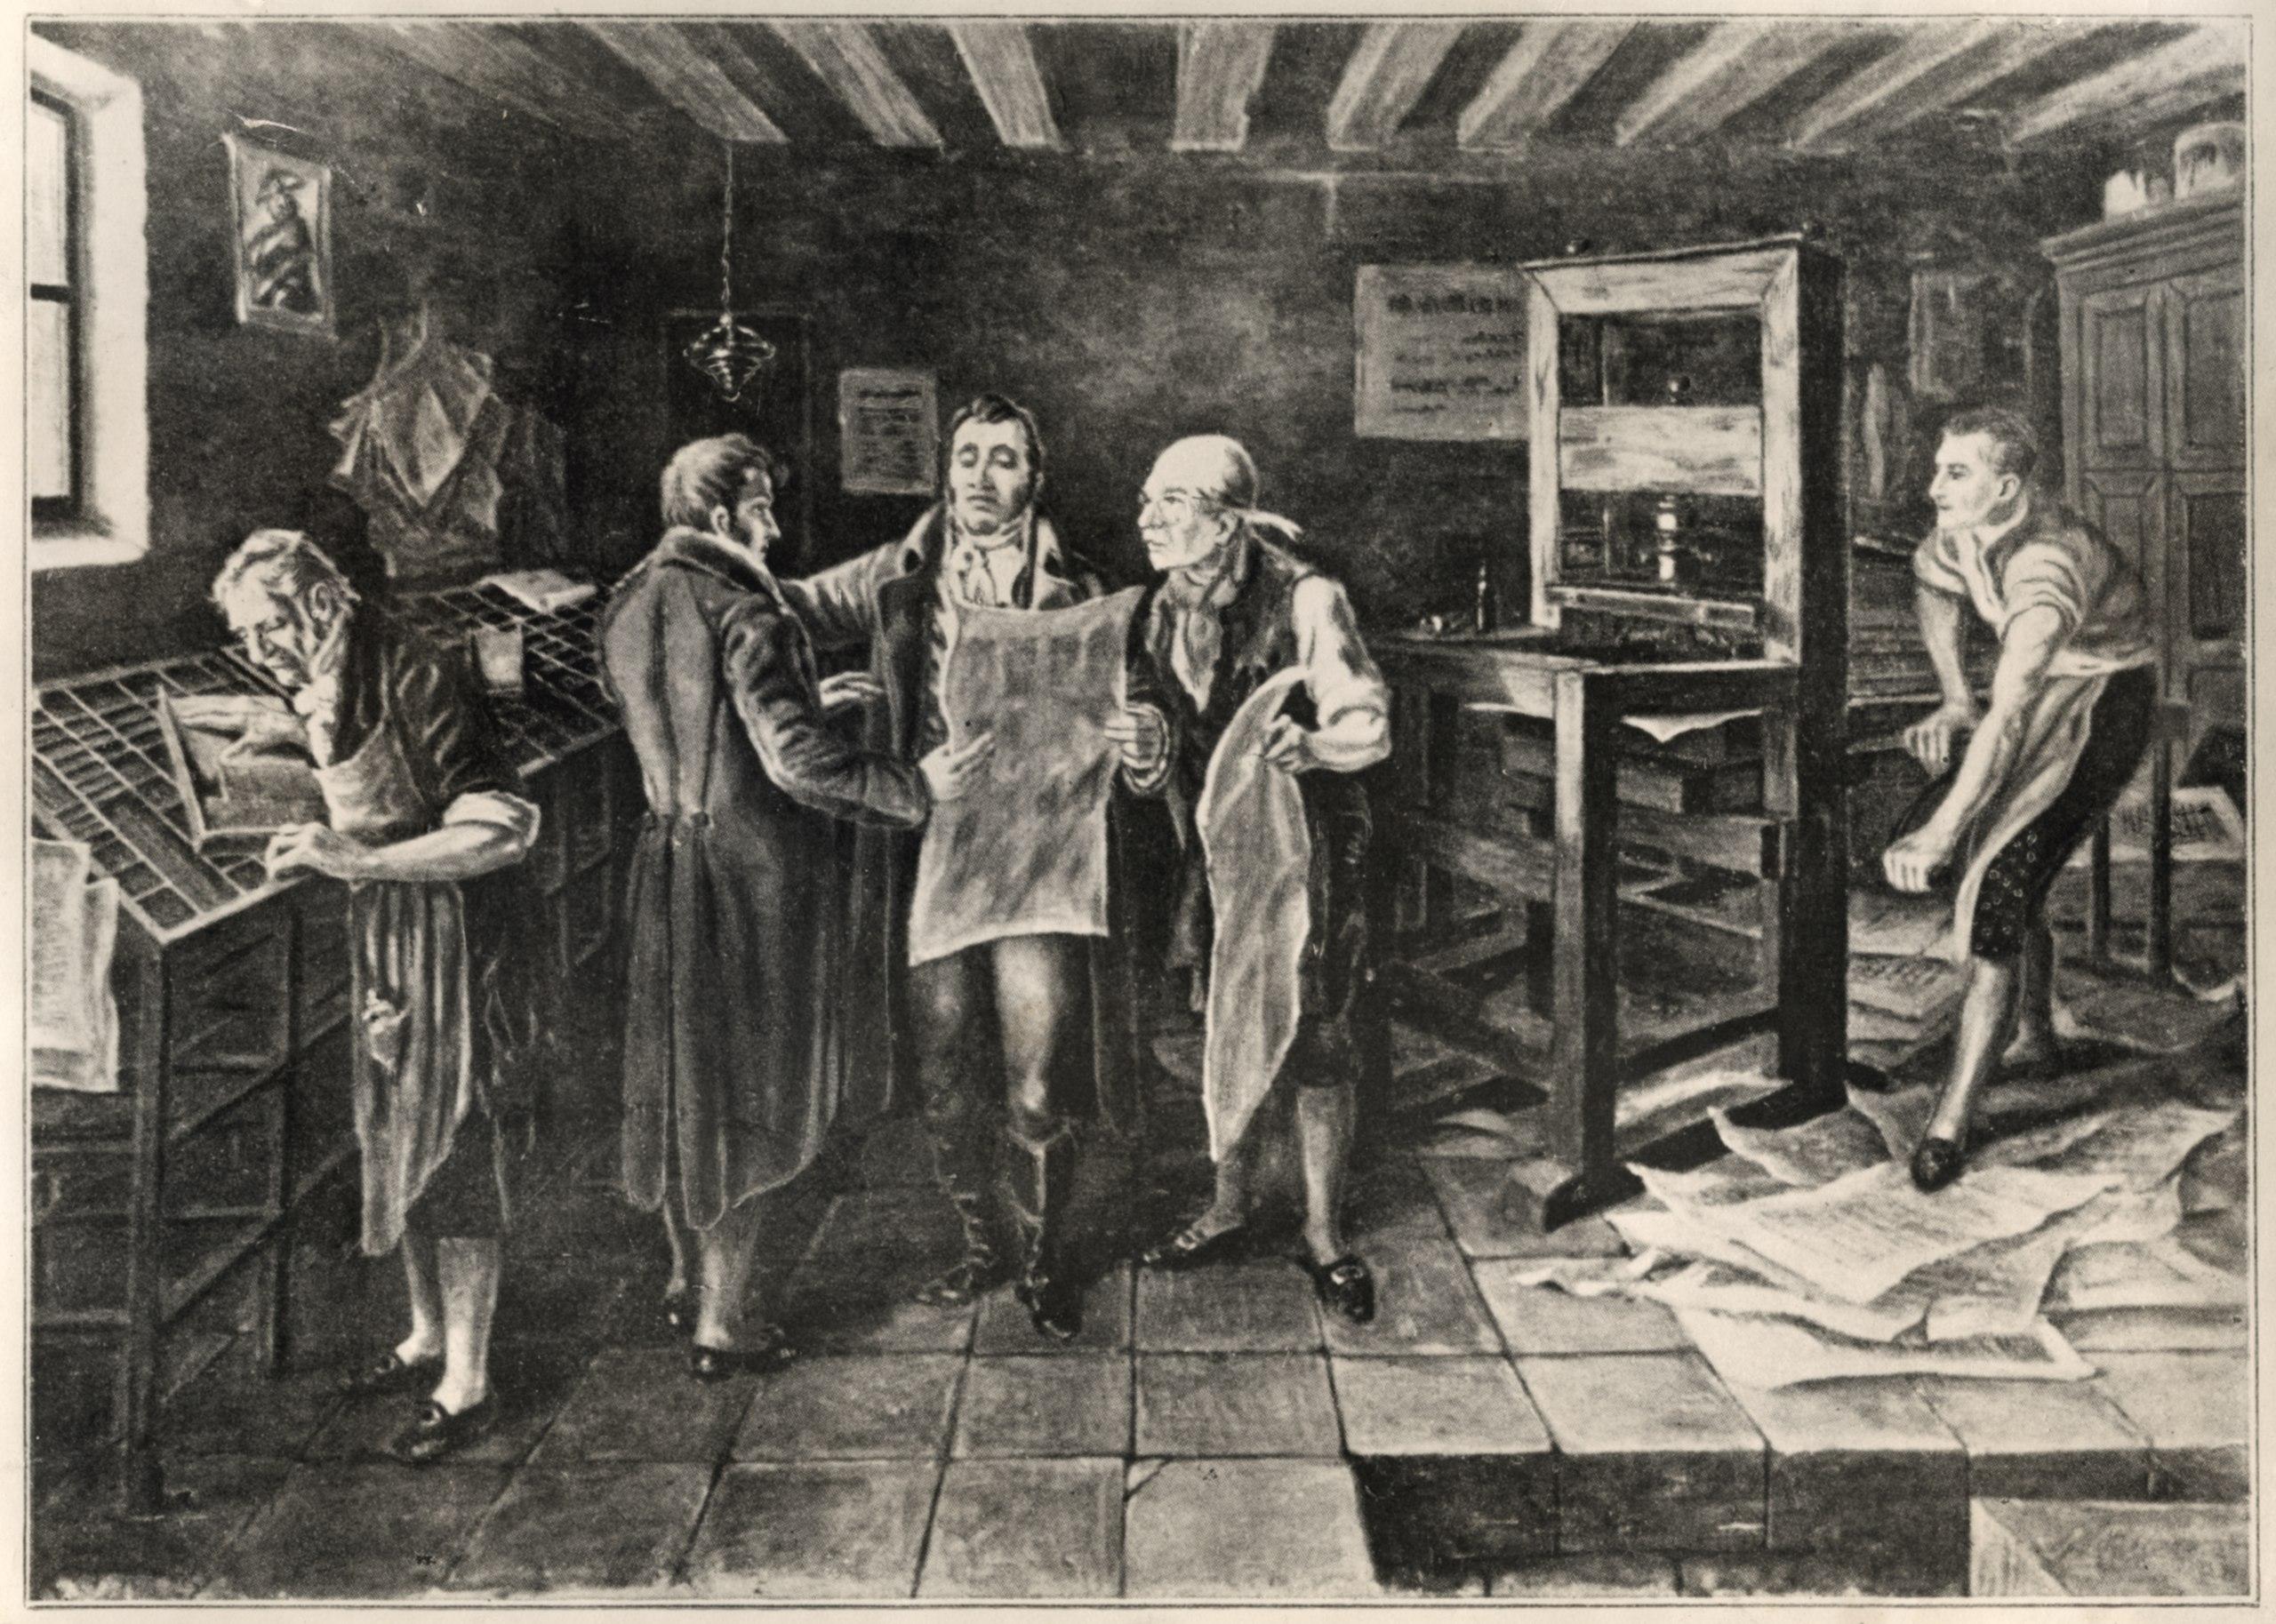 Antonio Nariño y Francisco Antonio Zea en la imprenta. 1920